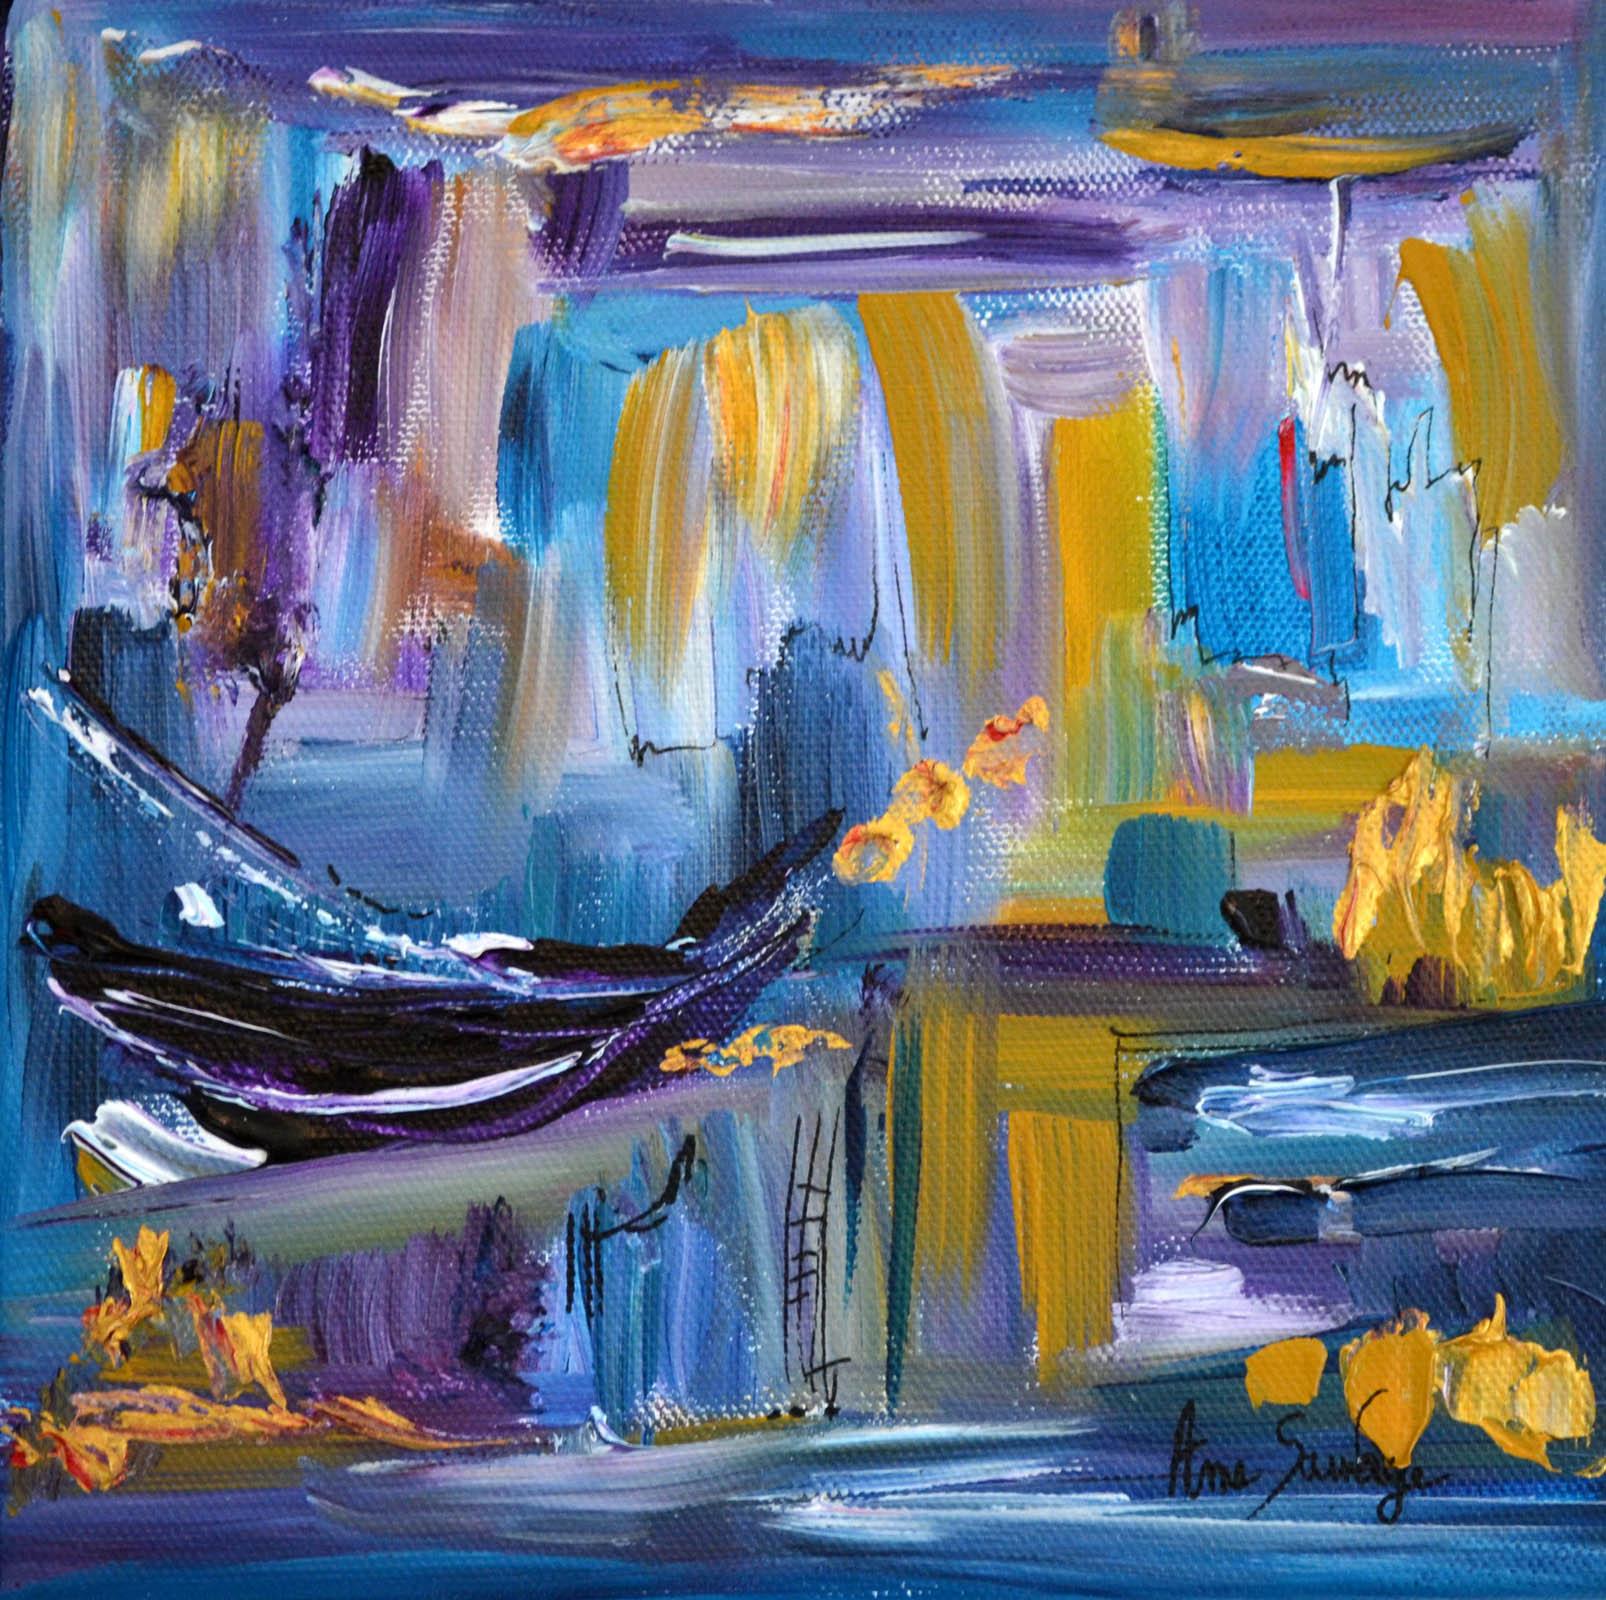 peinture abstraite moderne violet bleu or au couteau